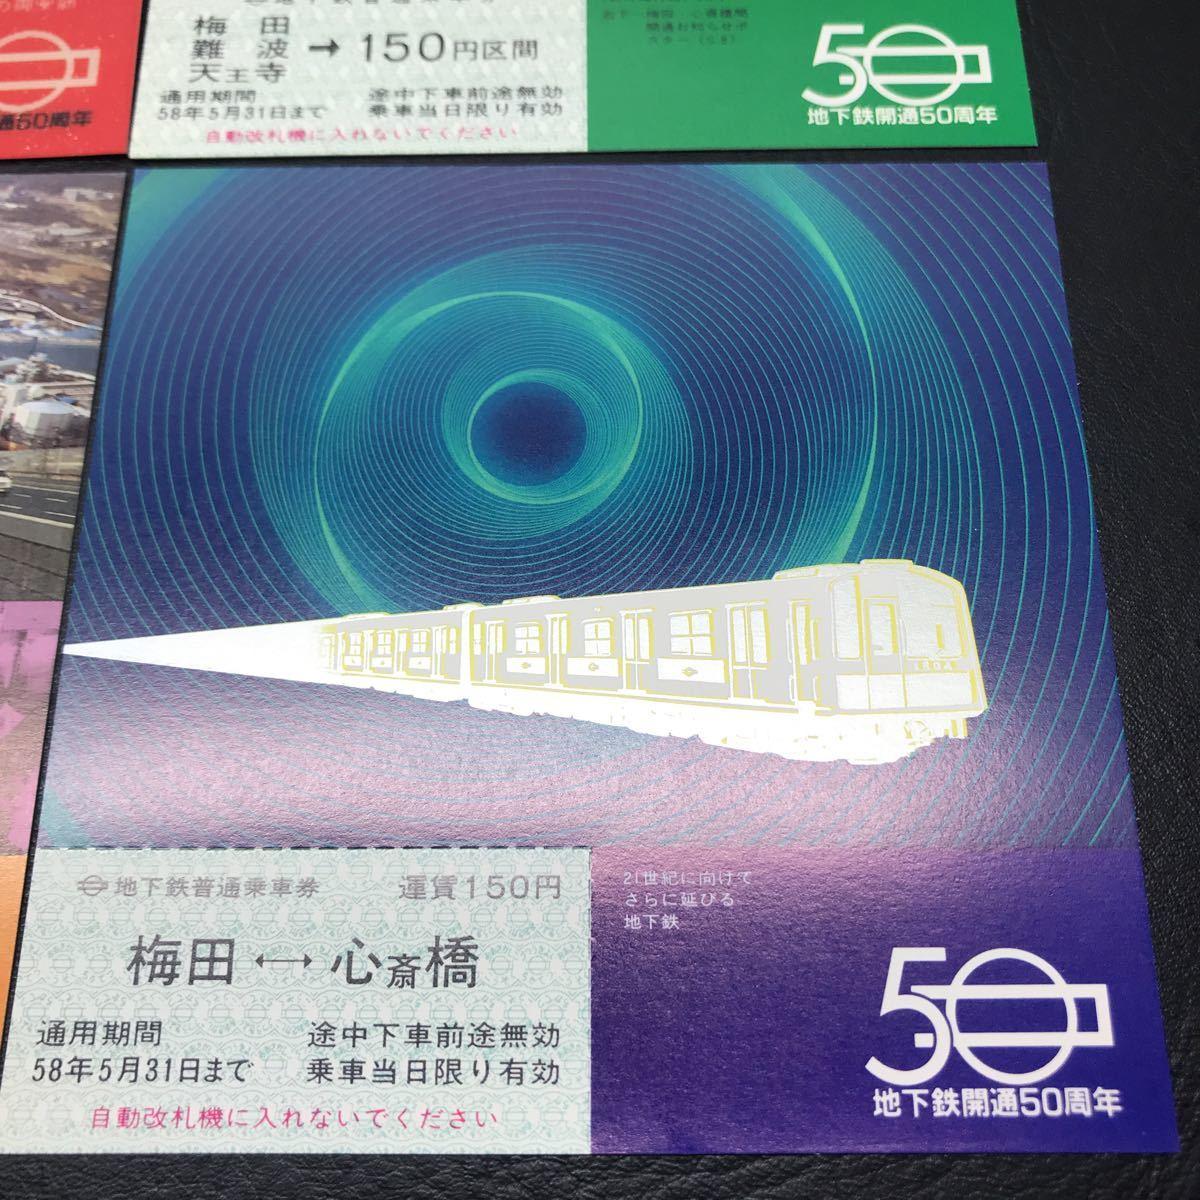 1111 大阪市交通局 地下鉄開通50周年記念乗車券 昭和58年 4枚 当時物 コレクション 鉄道資料_画像3